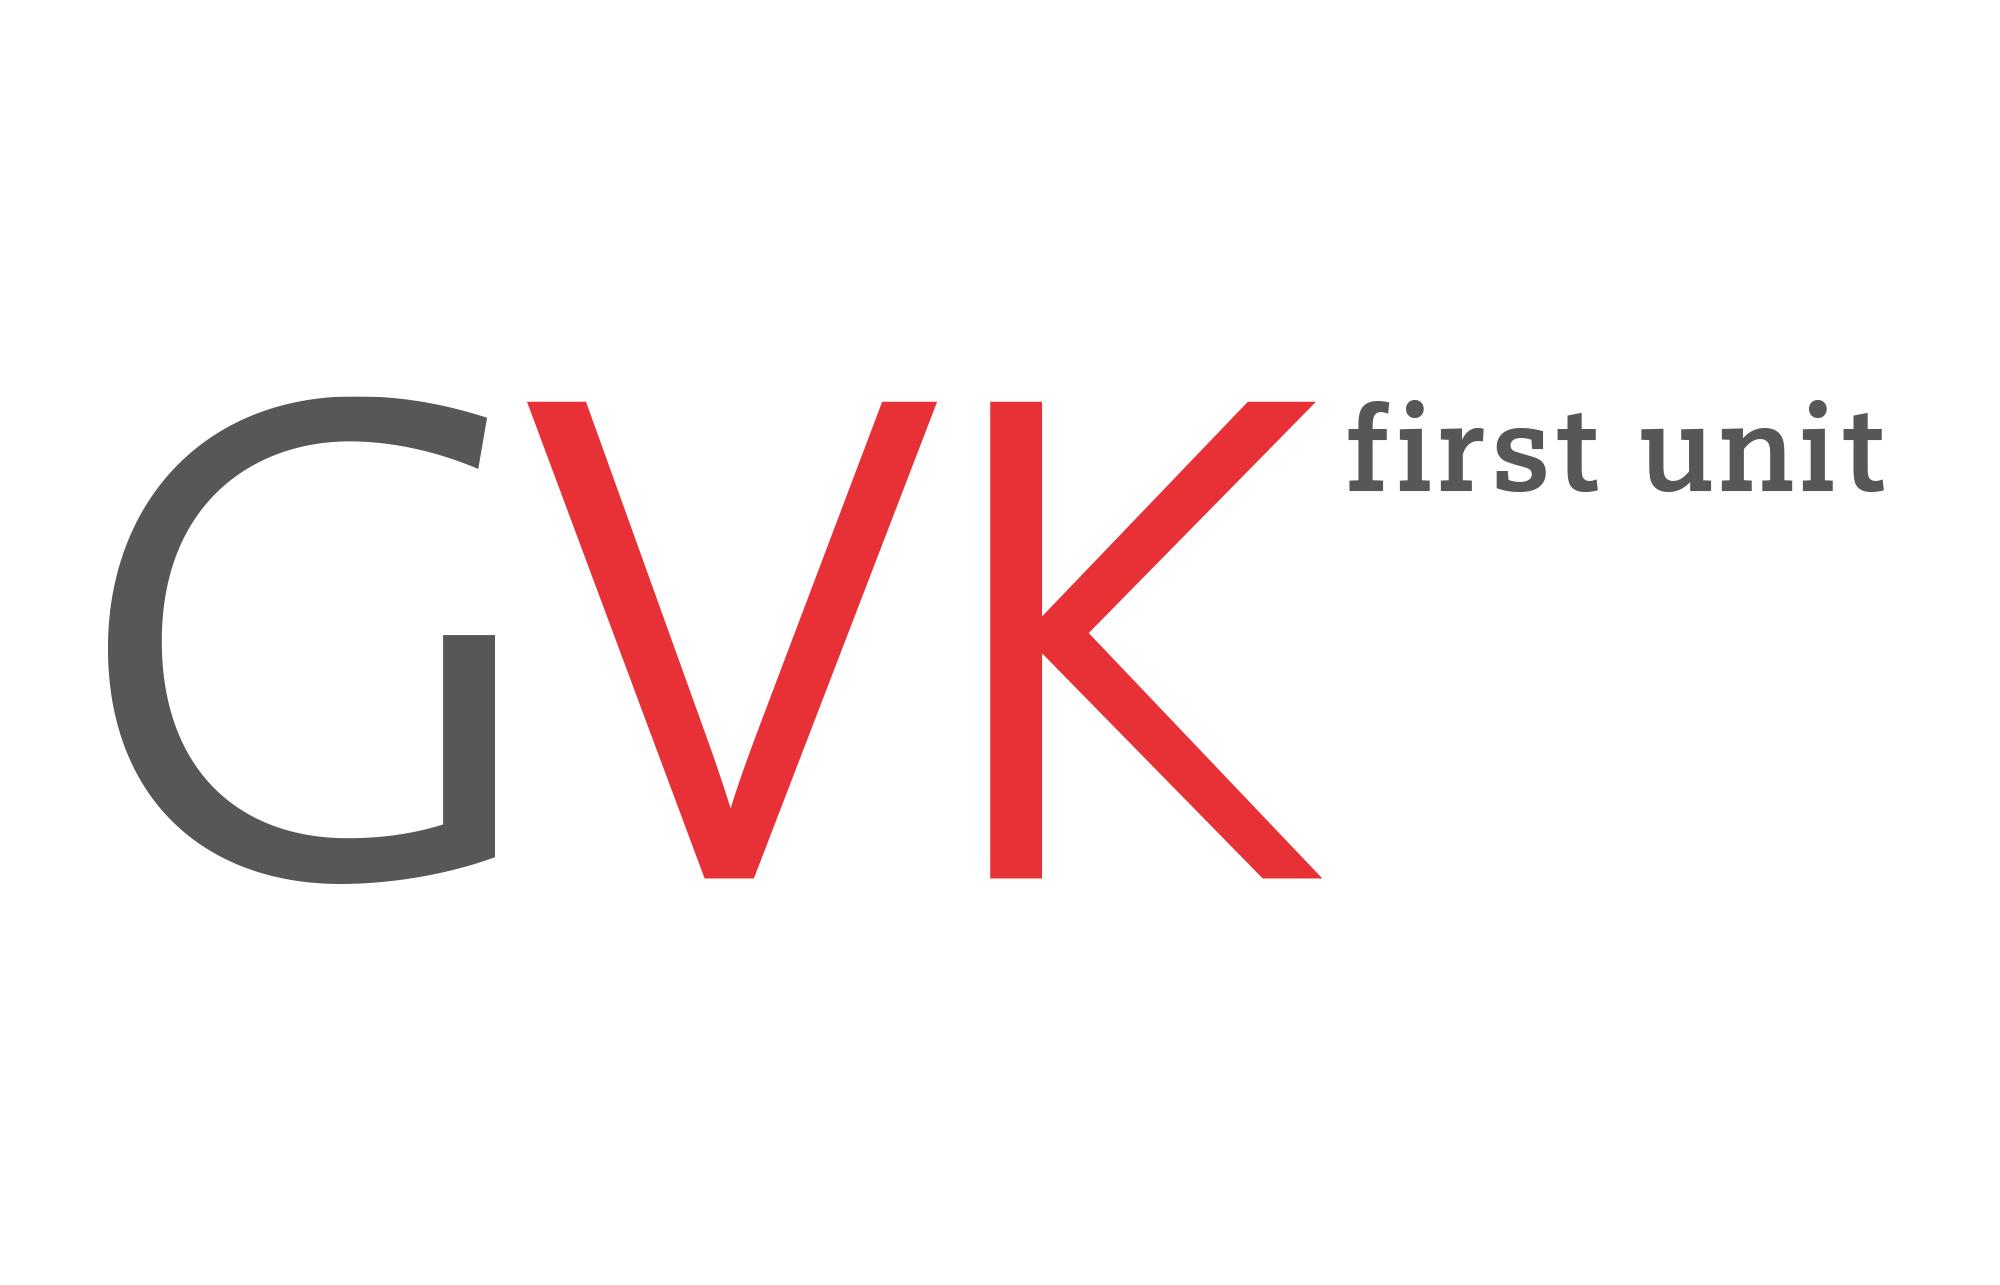 G.V.K. first unit